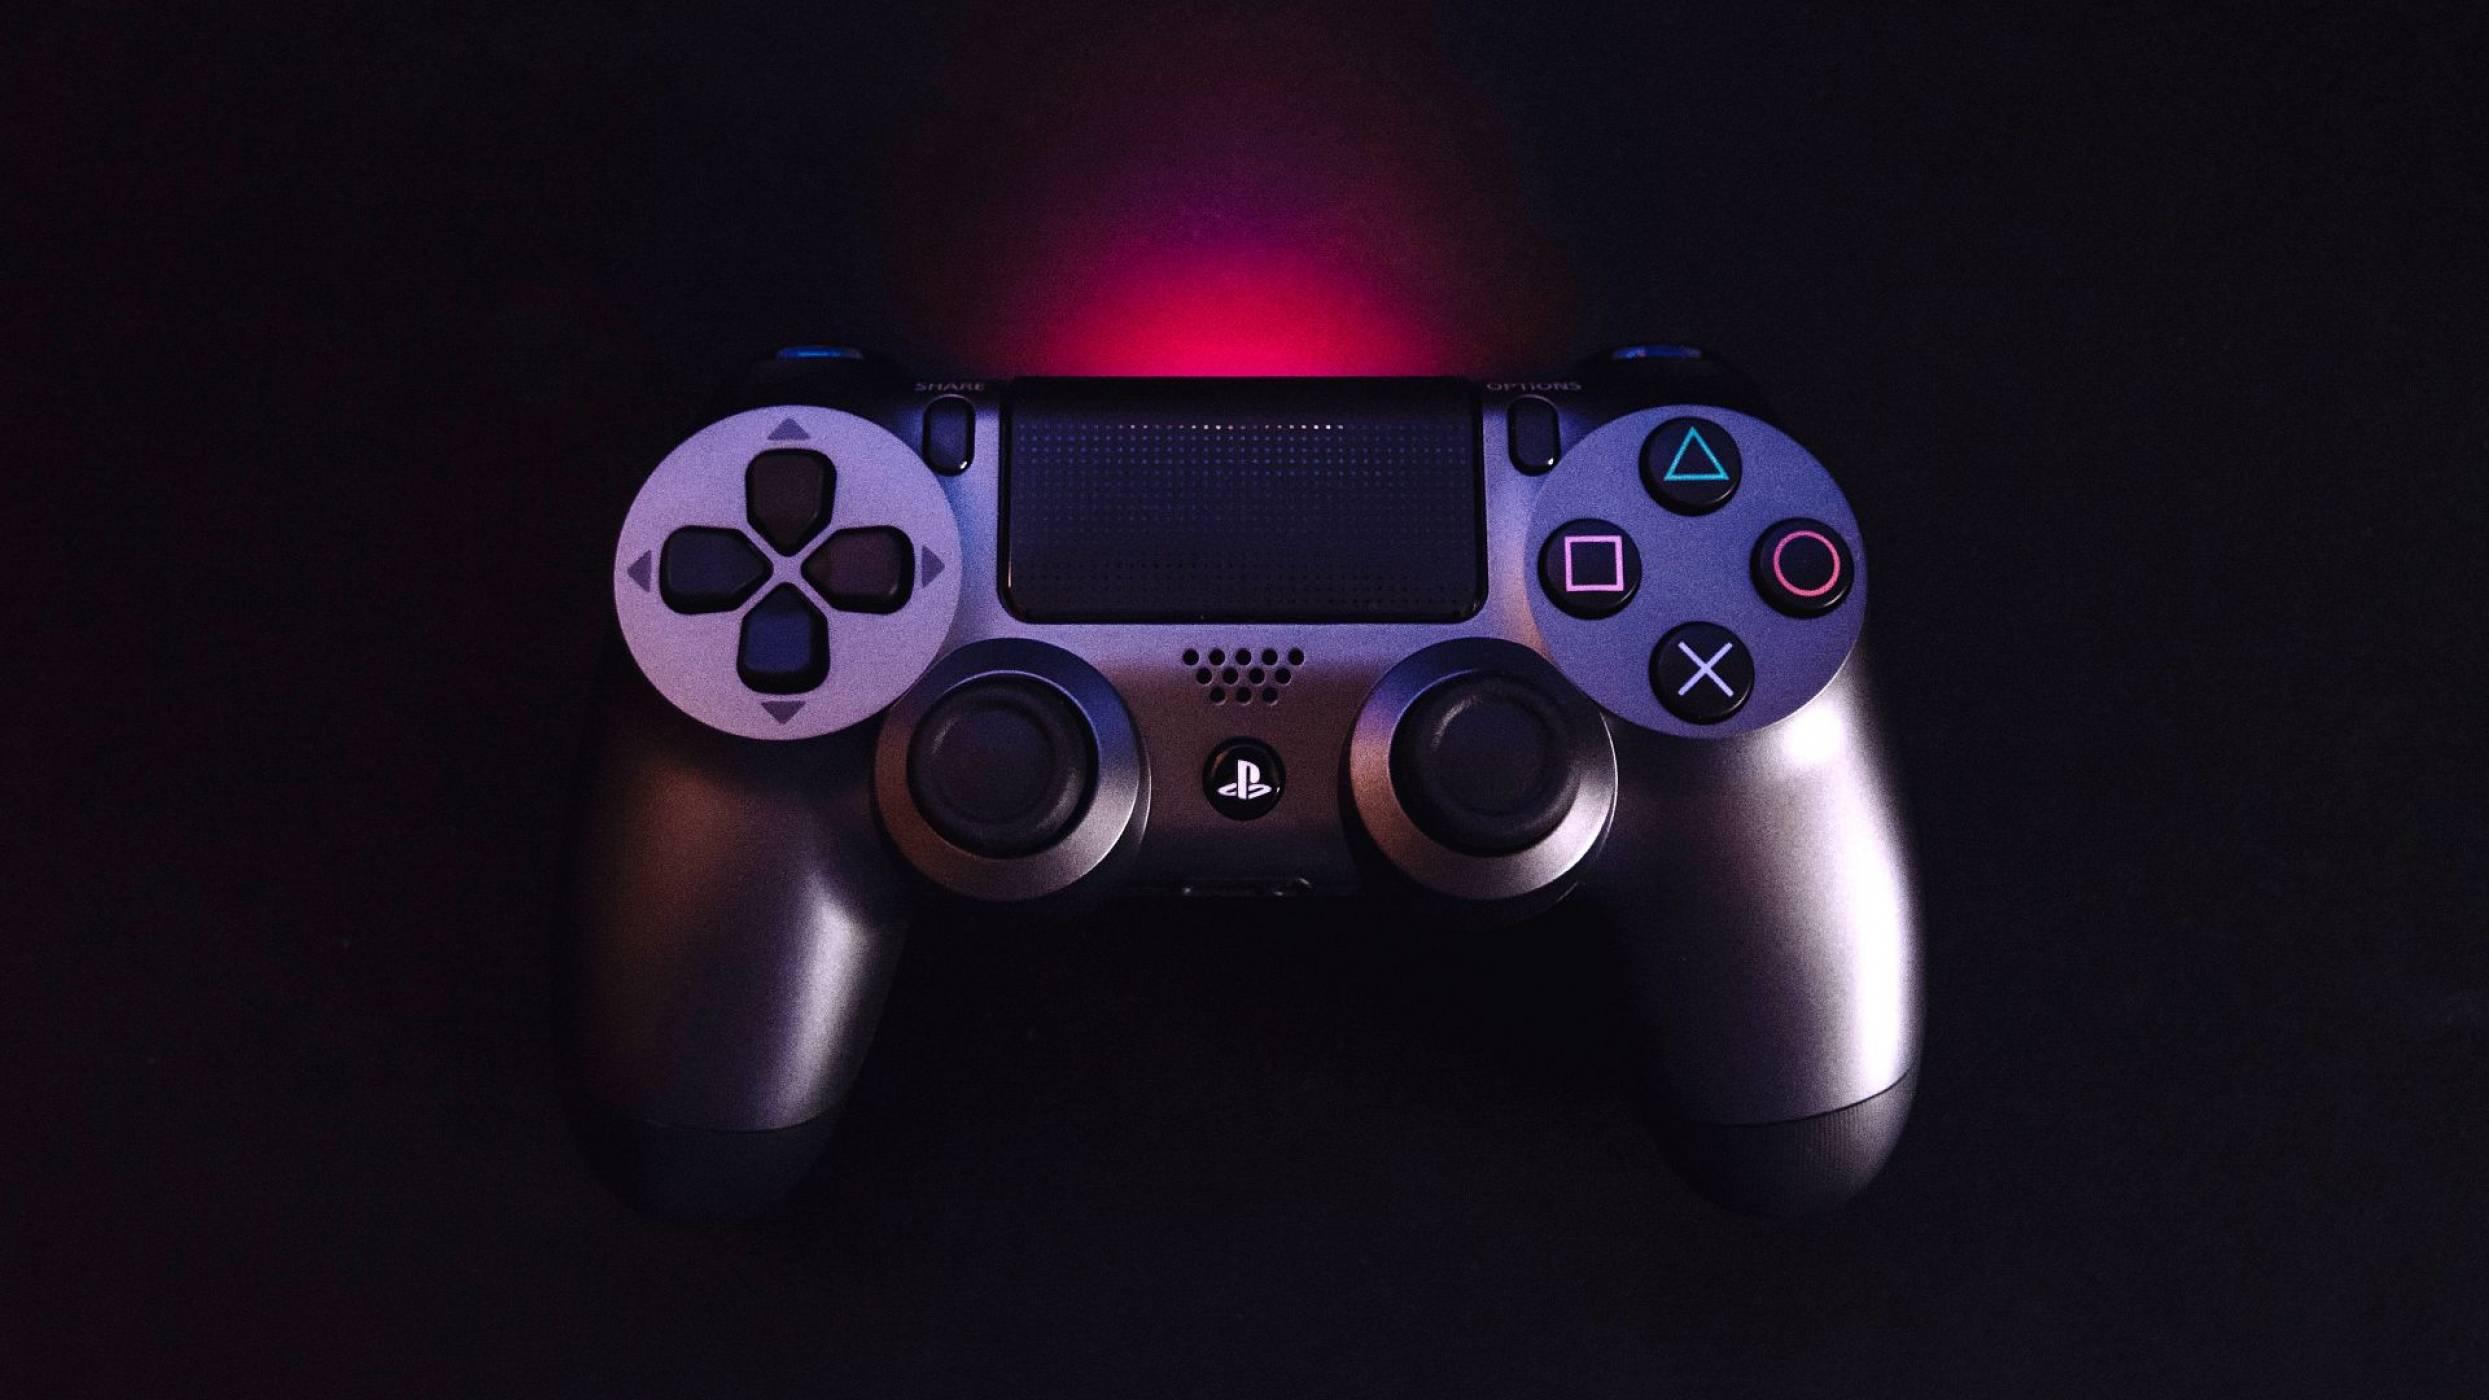 В мрежата изтече контролерът на PS5. Изглежда странно (СНИМКА)